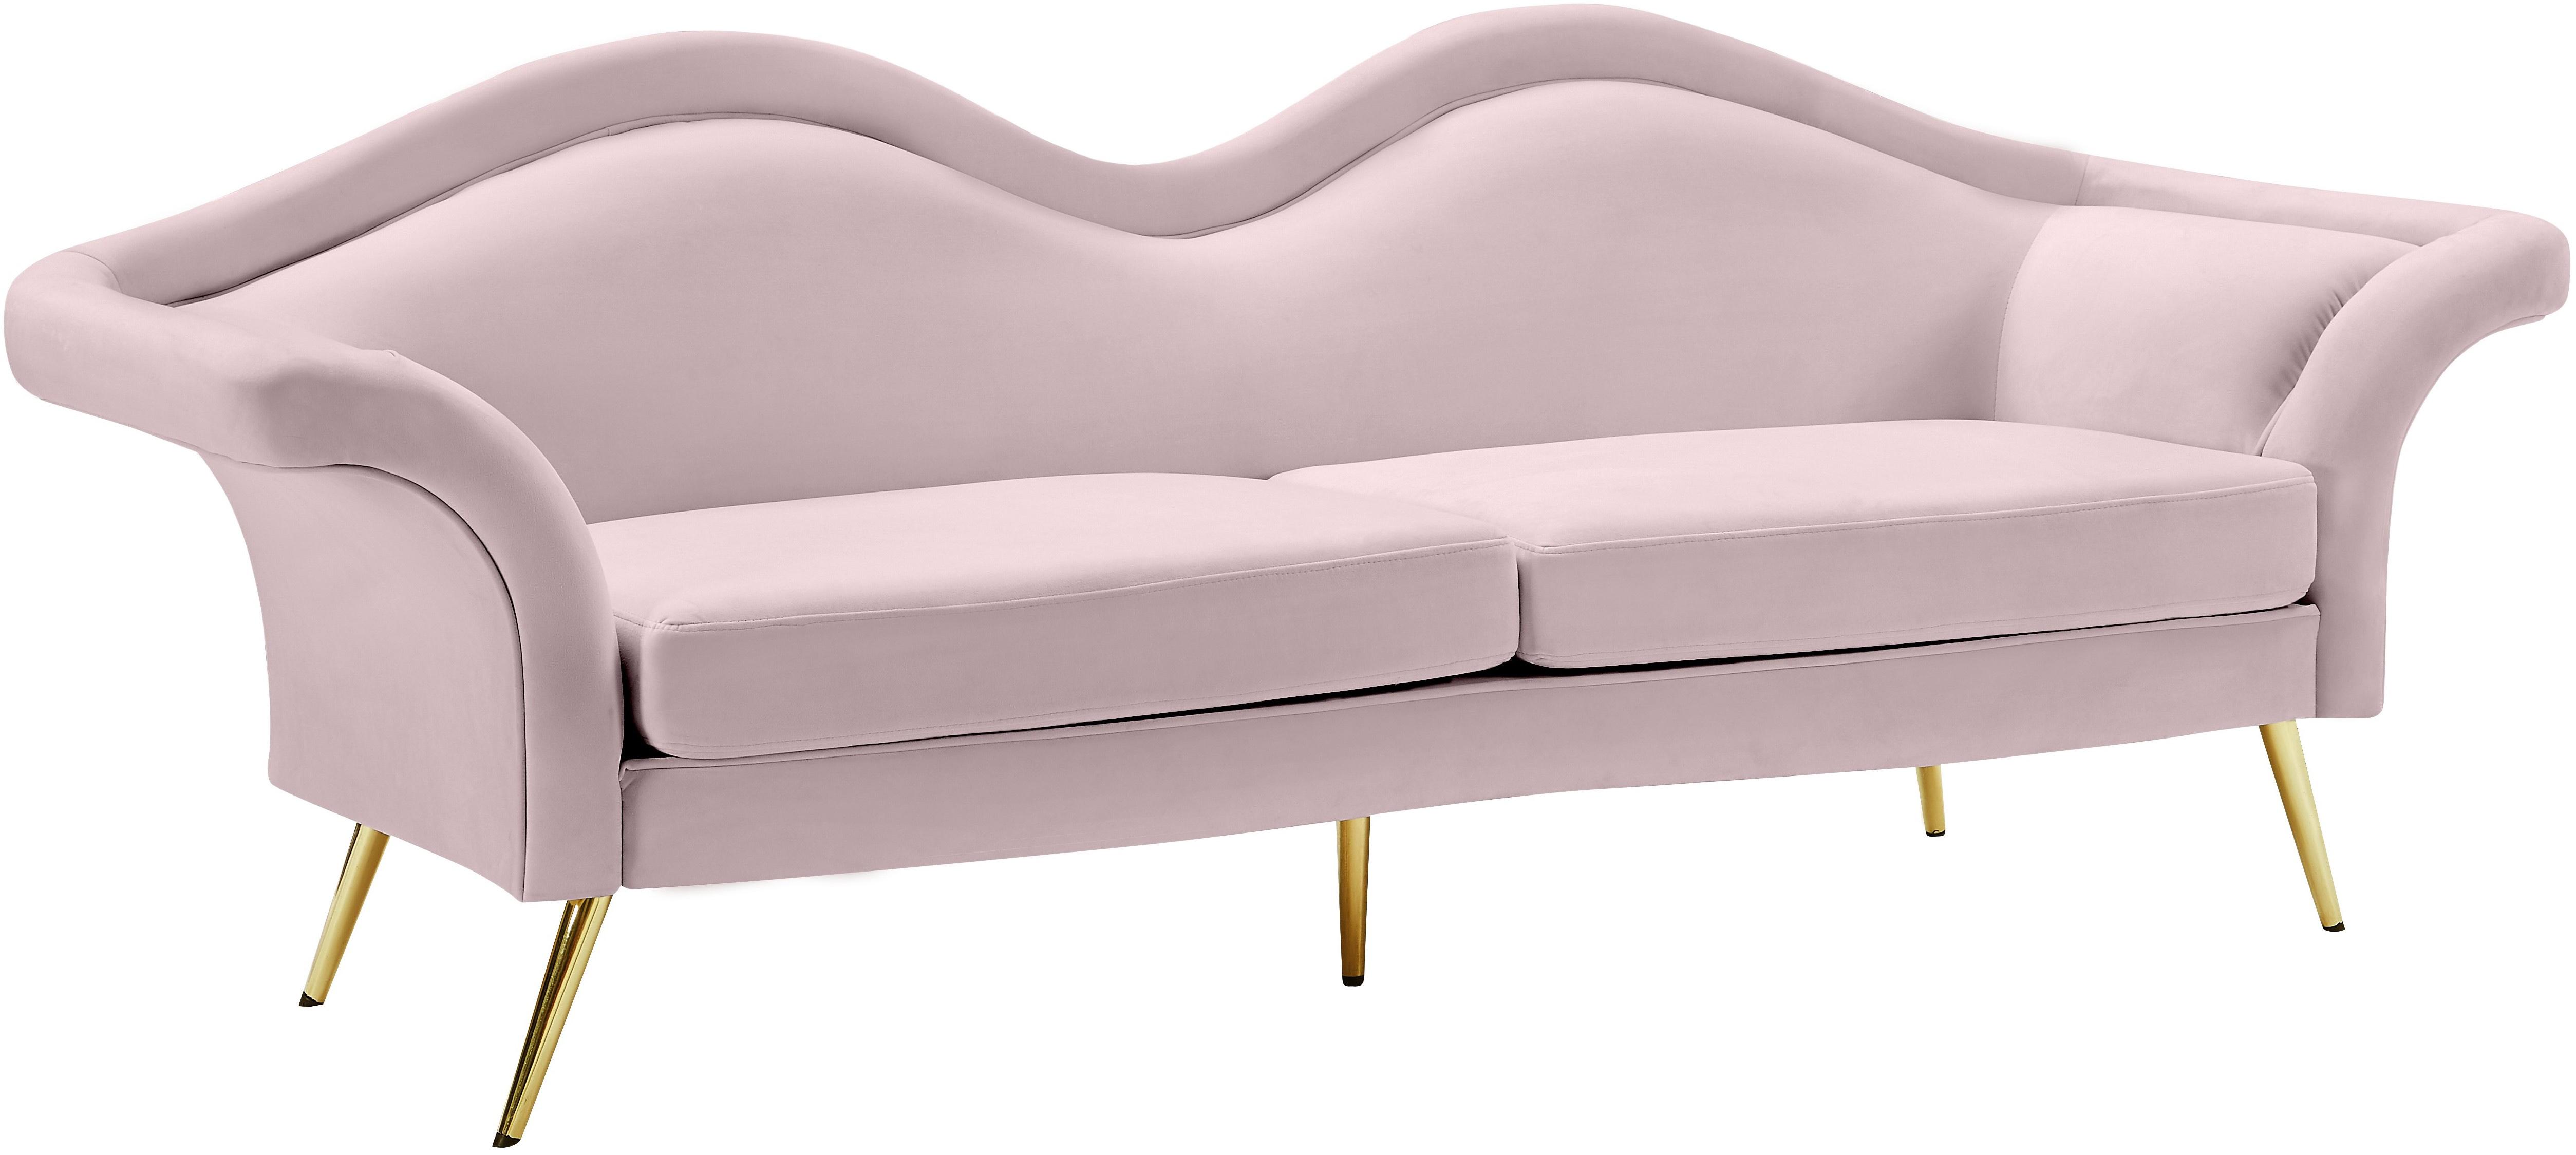 Clarissa Pink Velvet Sofa